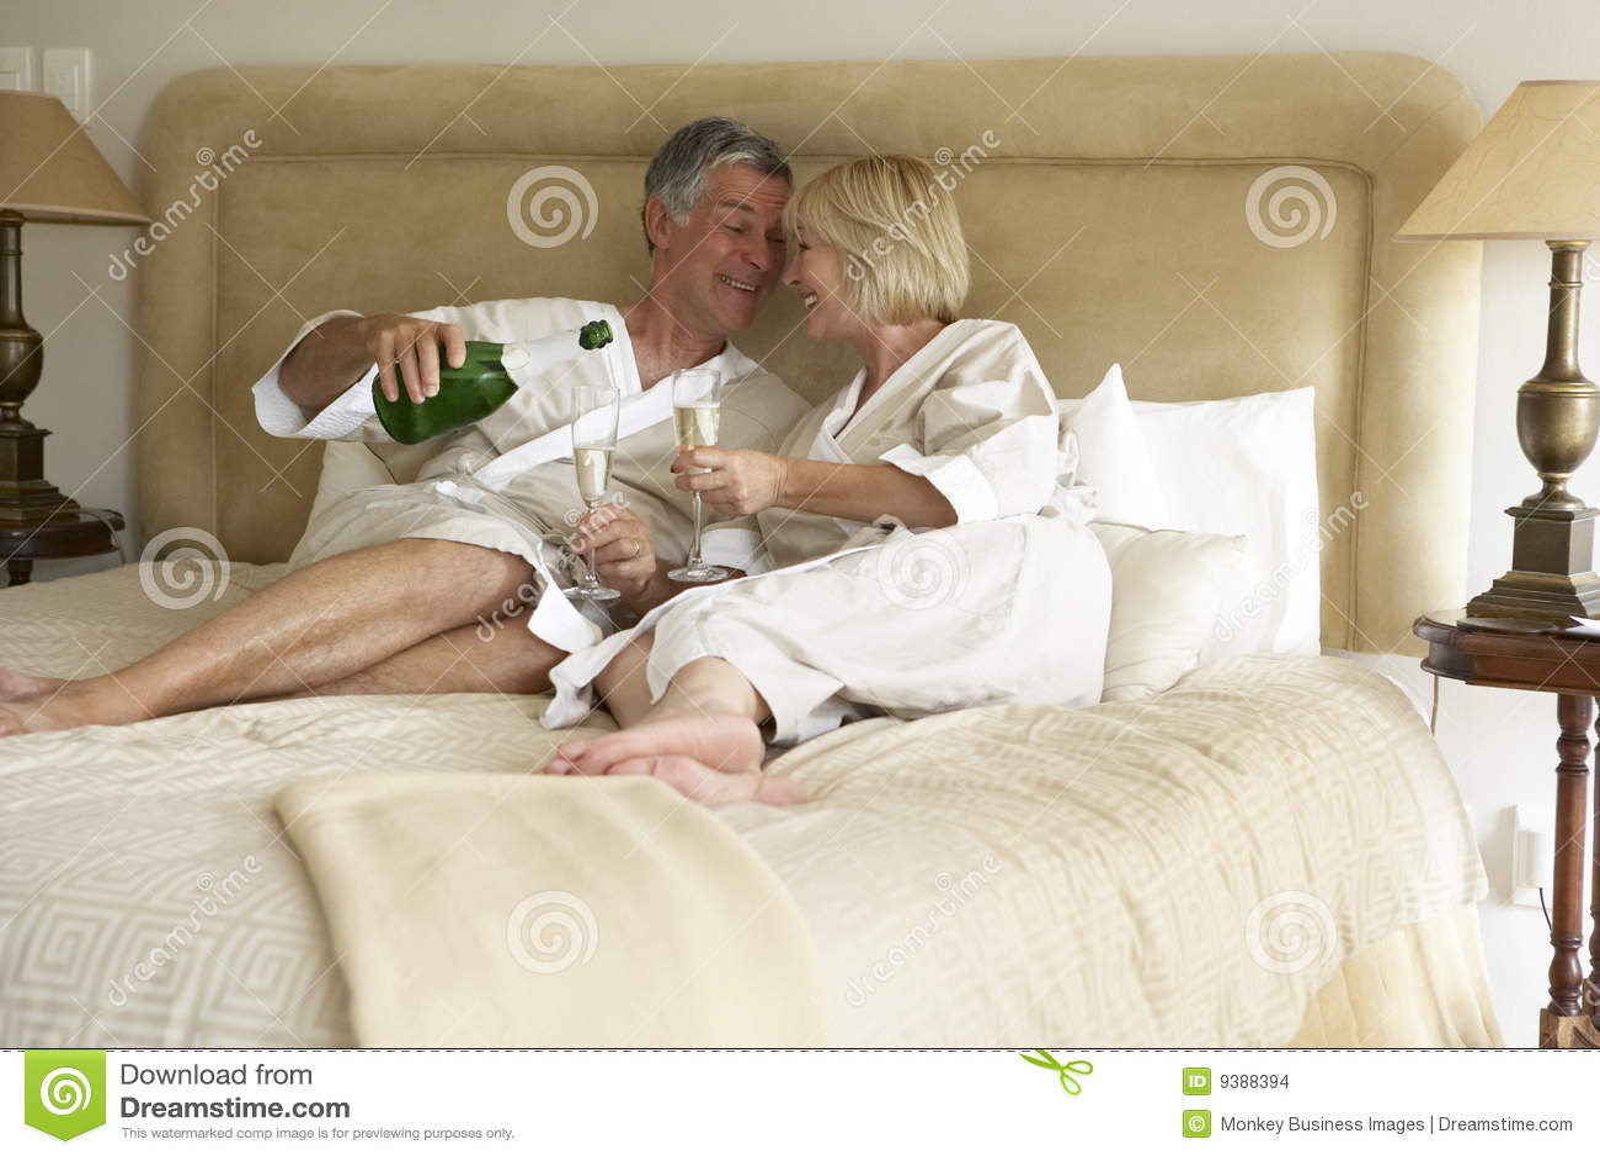 Фото с женой в кровати 4 фотография